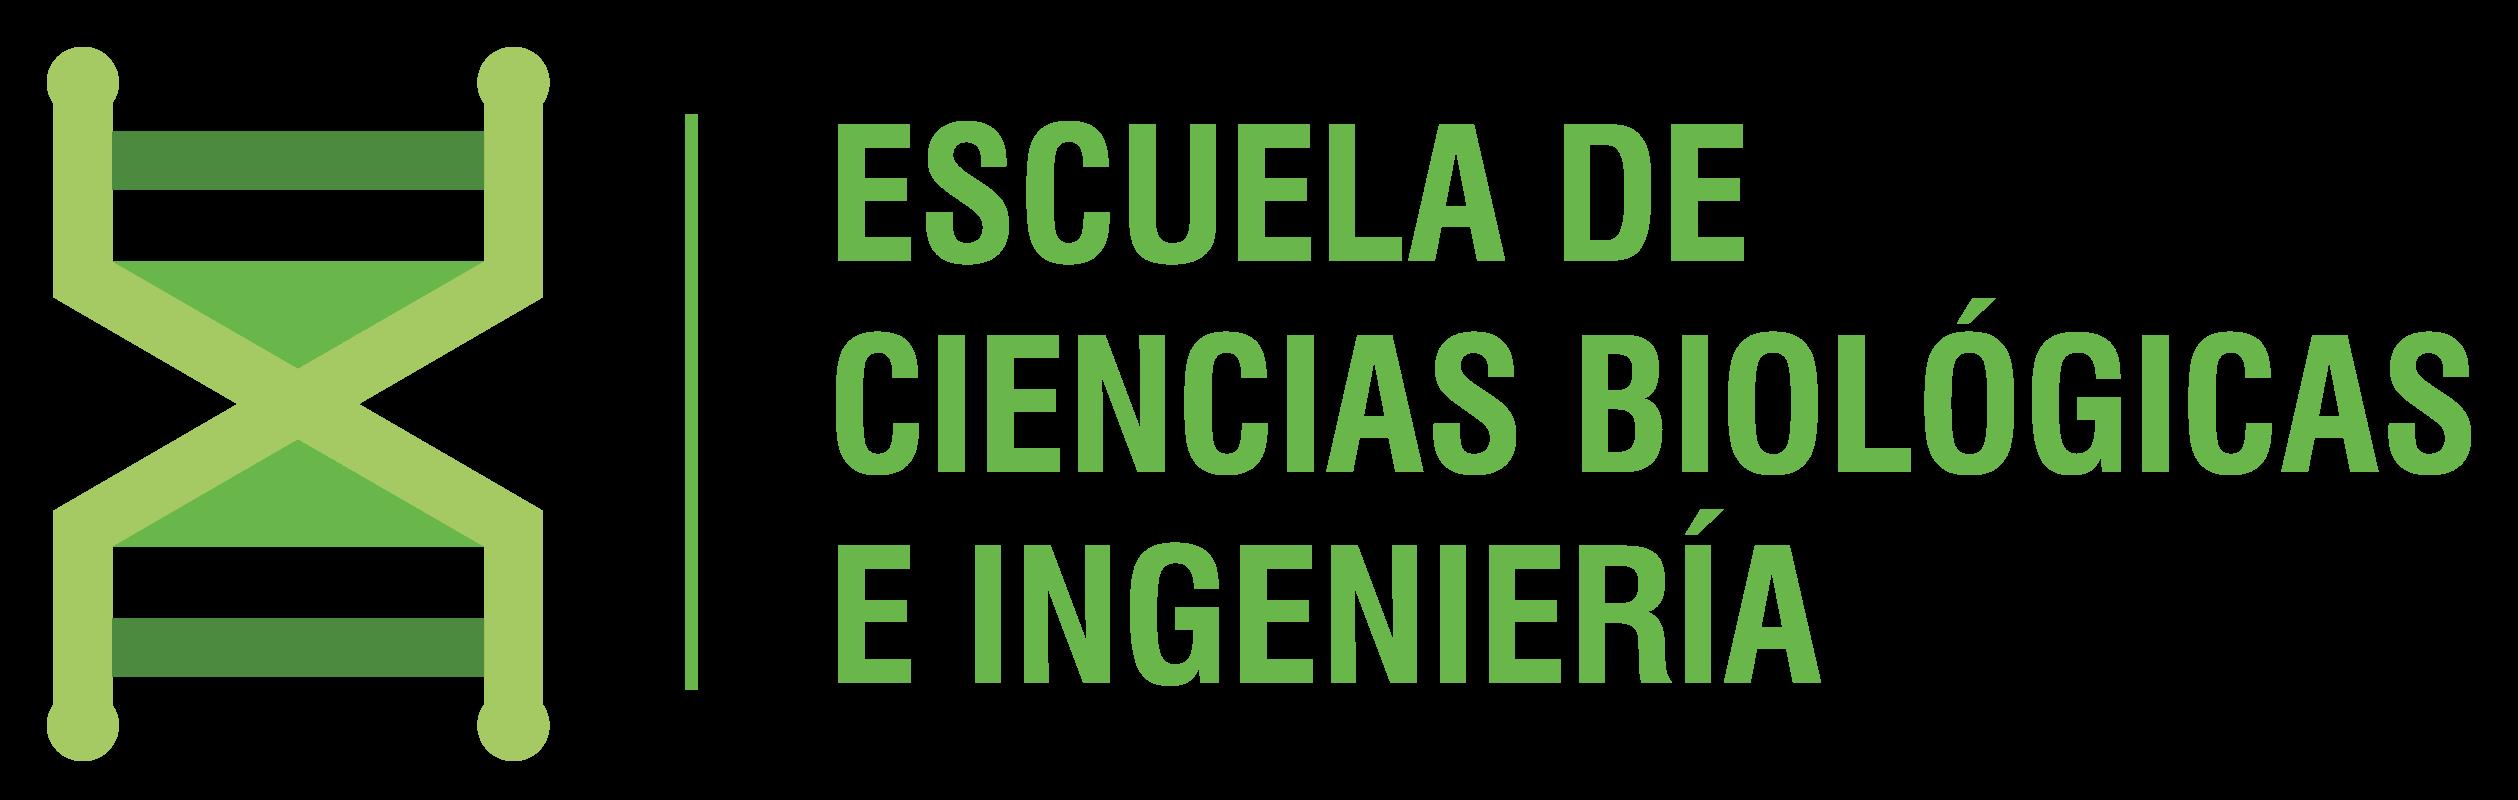 ESCUELA DE CIENCIAS BIOLÓGICAS E INGENIERÍA